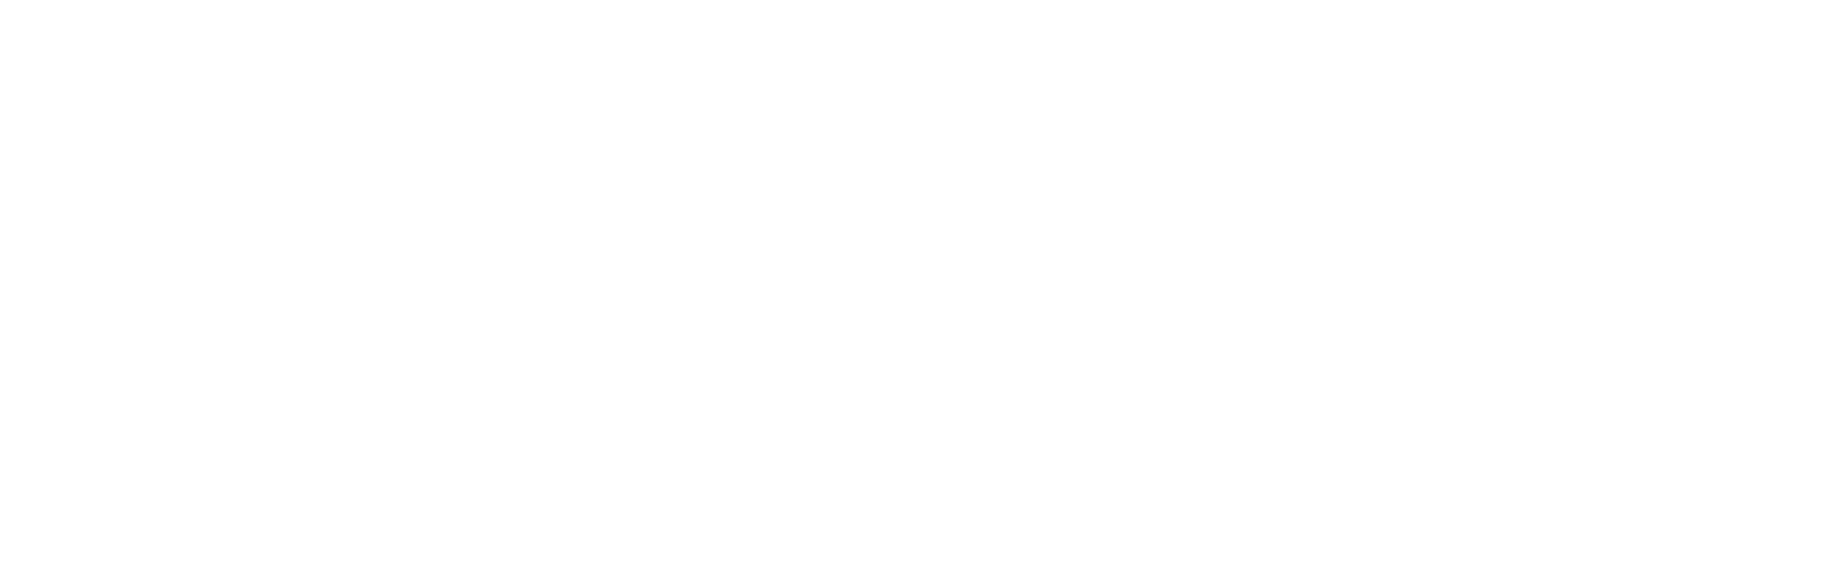 Observatorio de la Movilidad Urbana Sustentable